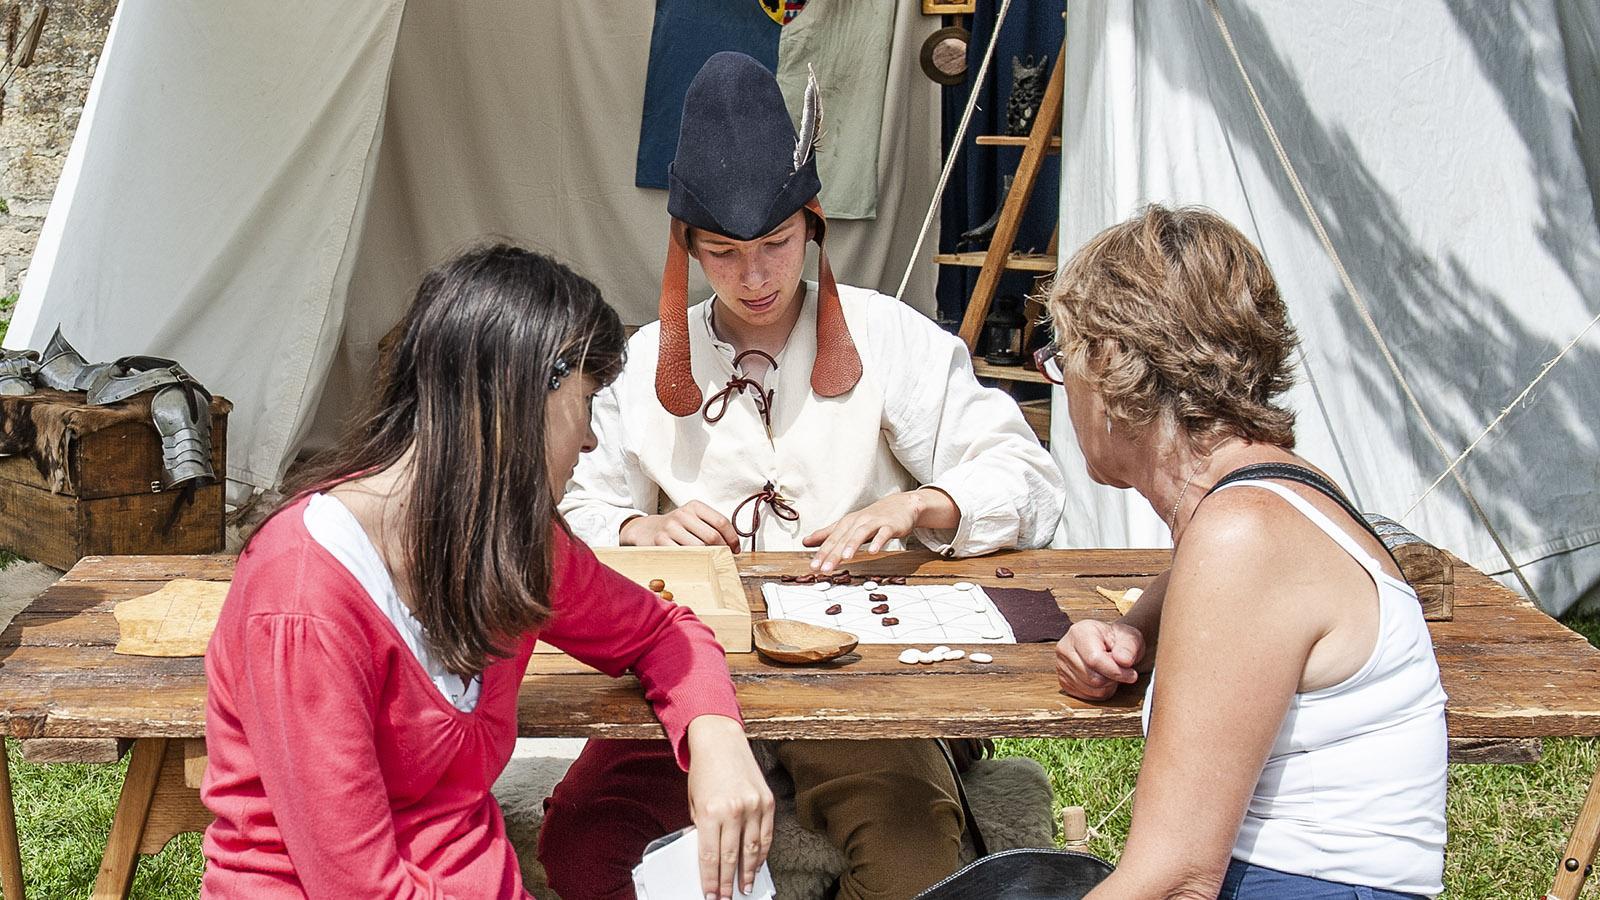 Mittelalterfest Laon: Mühle spielen wie im Mittelalter. Foto: Hilke Maunder